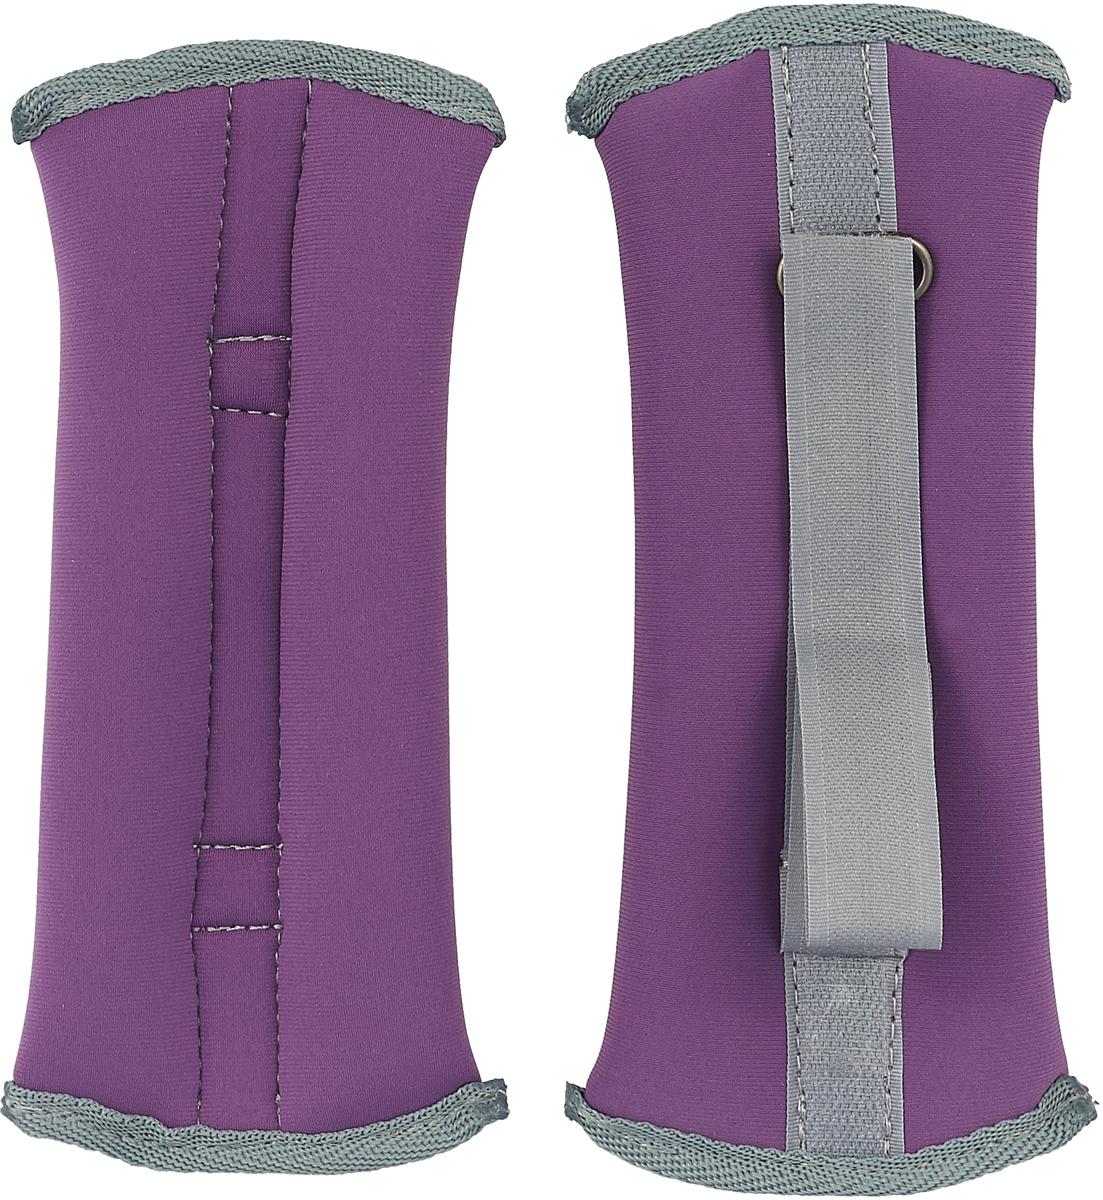 Утяжелитель спортивный Indigo Неопреновые, цвет: фиолетовый, 0,3 кг, 2 шт утяжелитель спортивный indigo неопреновые цвет красный 0 2 кг 2 шт